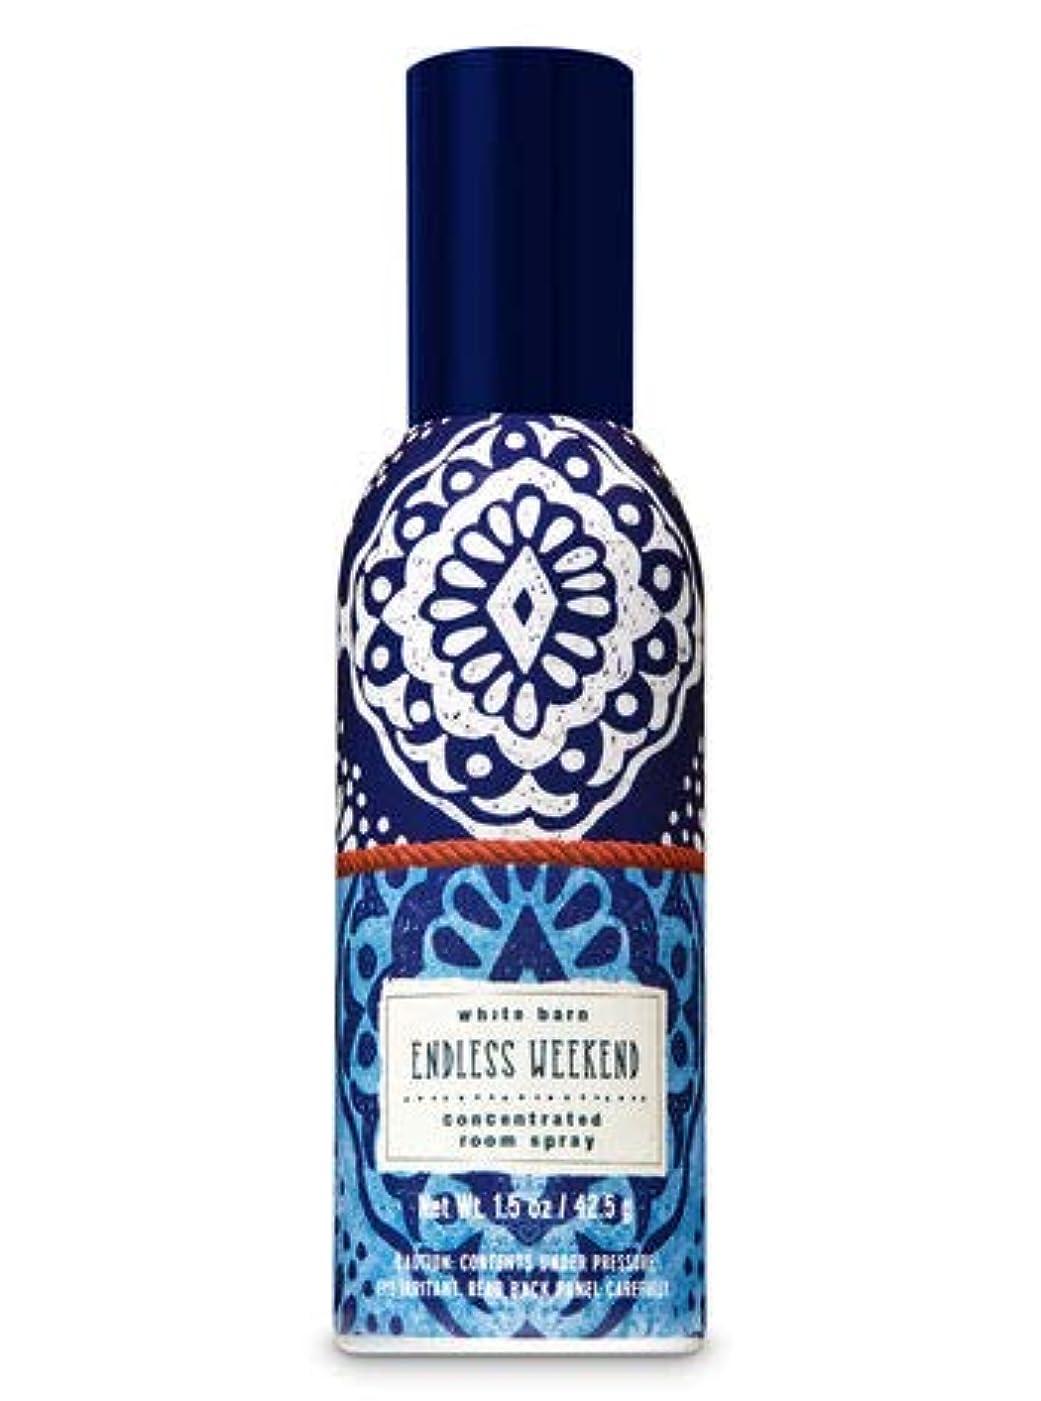 高めるやりすぎ鮮やかな【Bath&Body Works/バス&ボディワークス】 ルームスプレー エンドレスウィークエンド 1.5 oz. Concentrated Room Spray/Room Perfume Endless Weekend [並行輸入品]